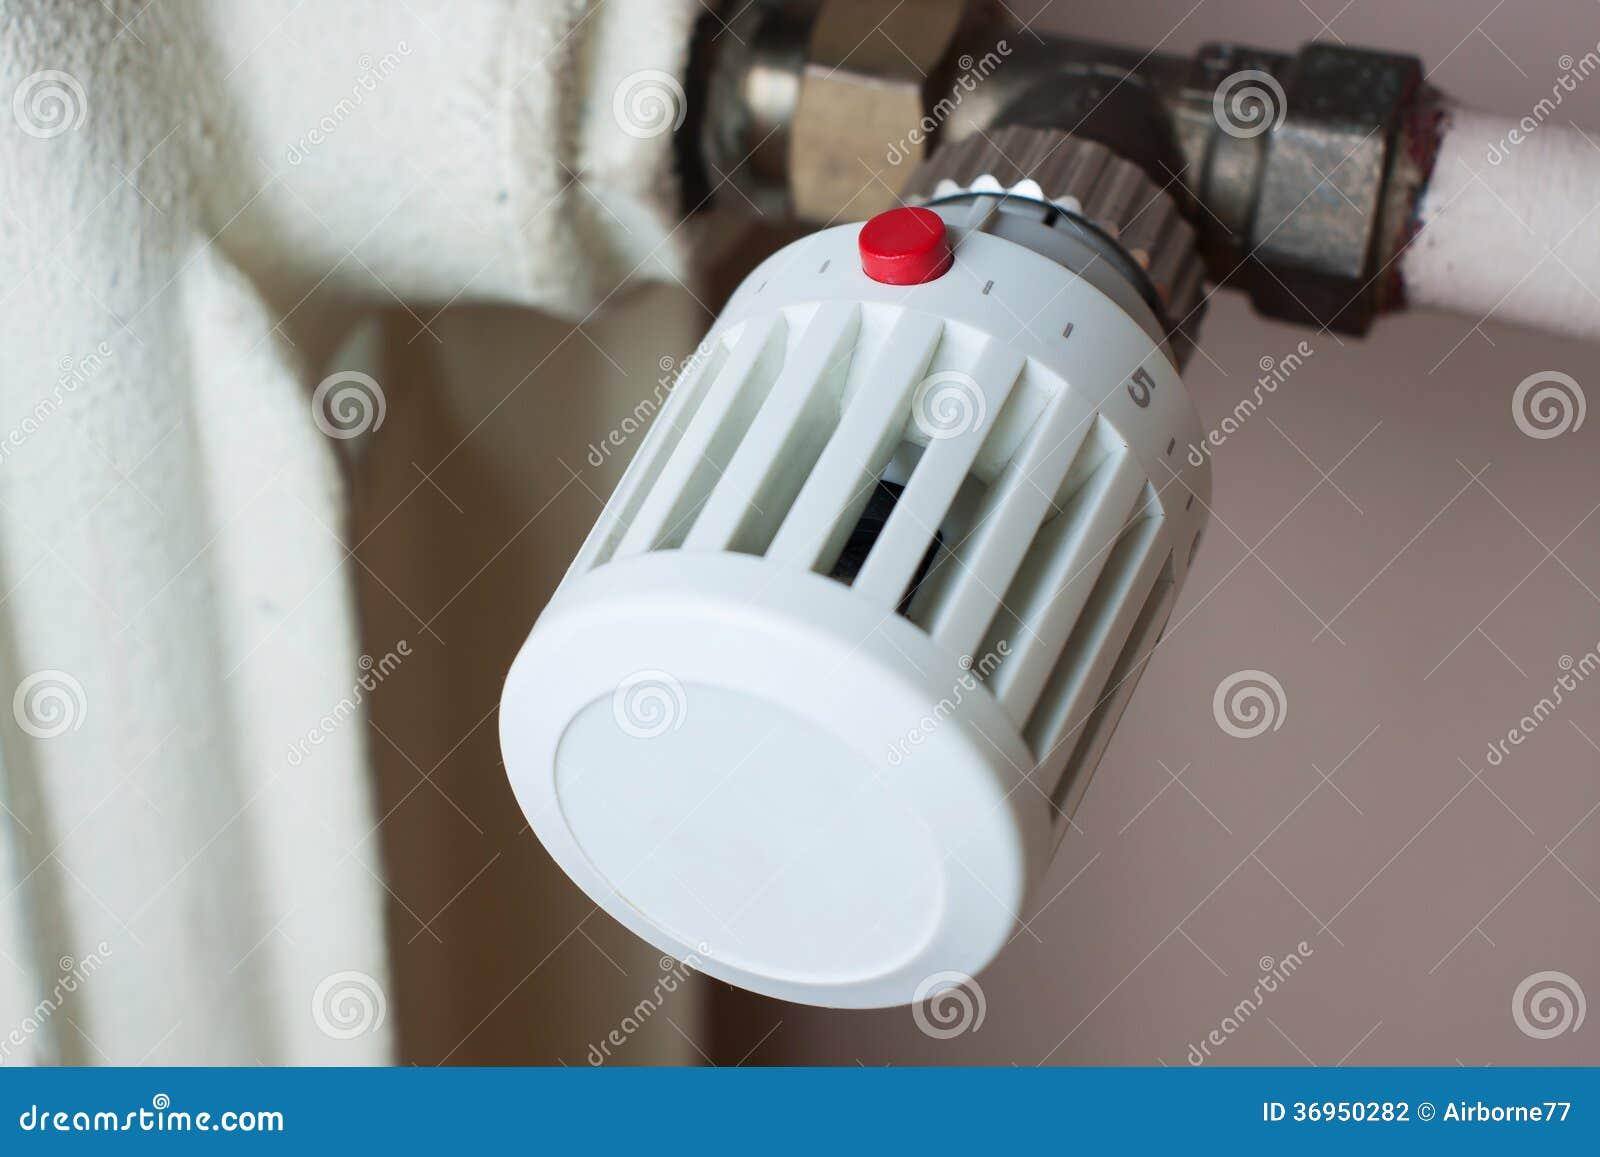 Radiateur et thermostat